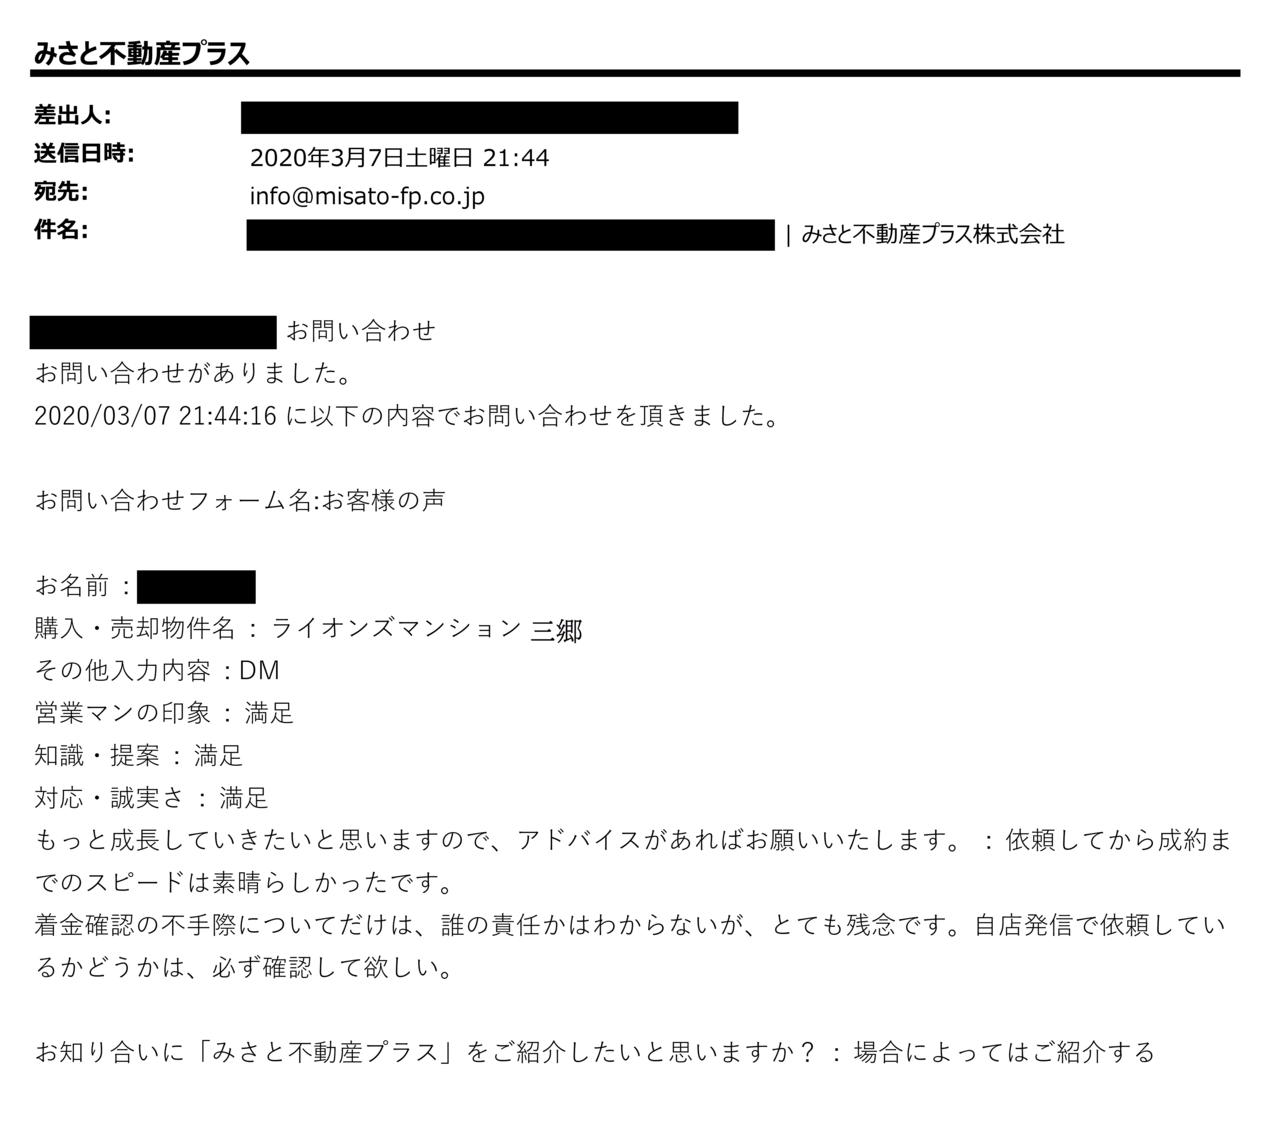 【お客様の声】三郷駅 中古マンション「ライオンズマンション三郷」